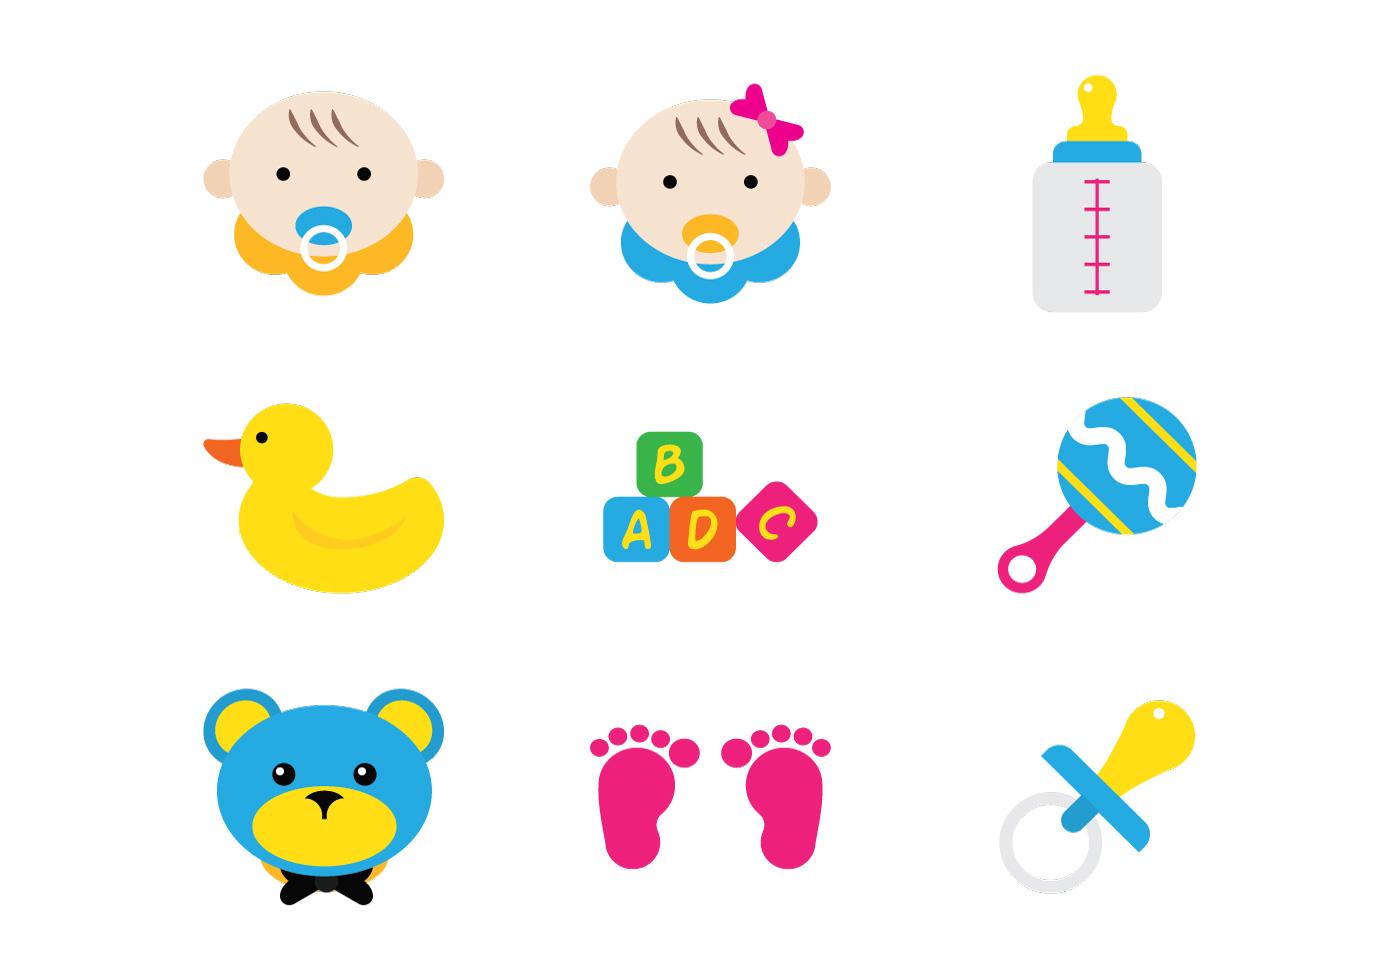 Baby Block Free Vector Art - (6,734 Free Downloads)